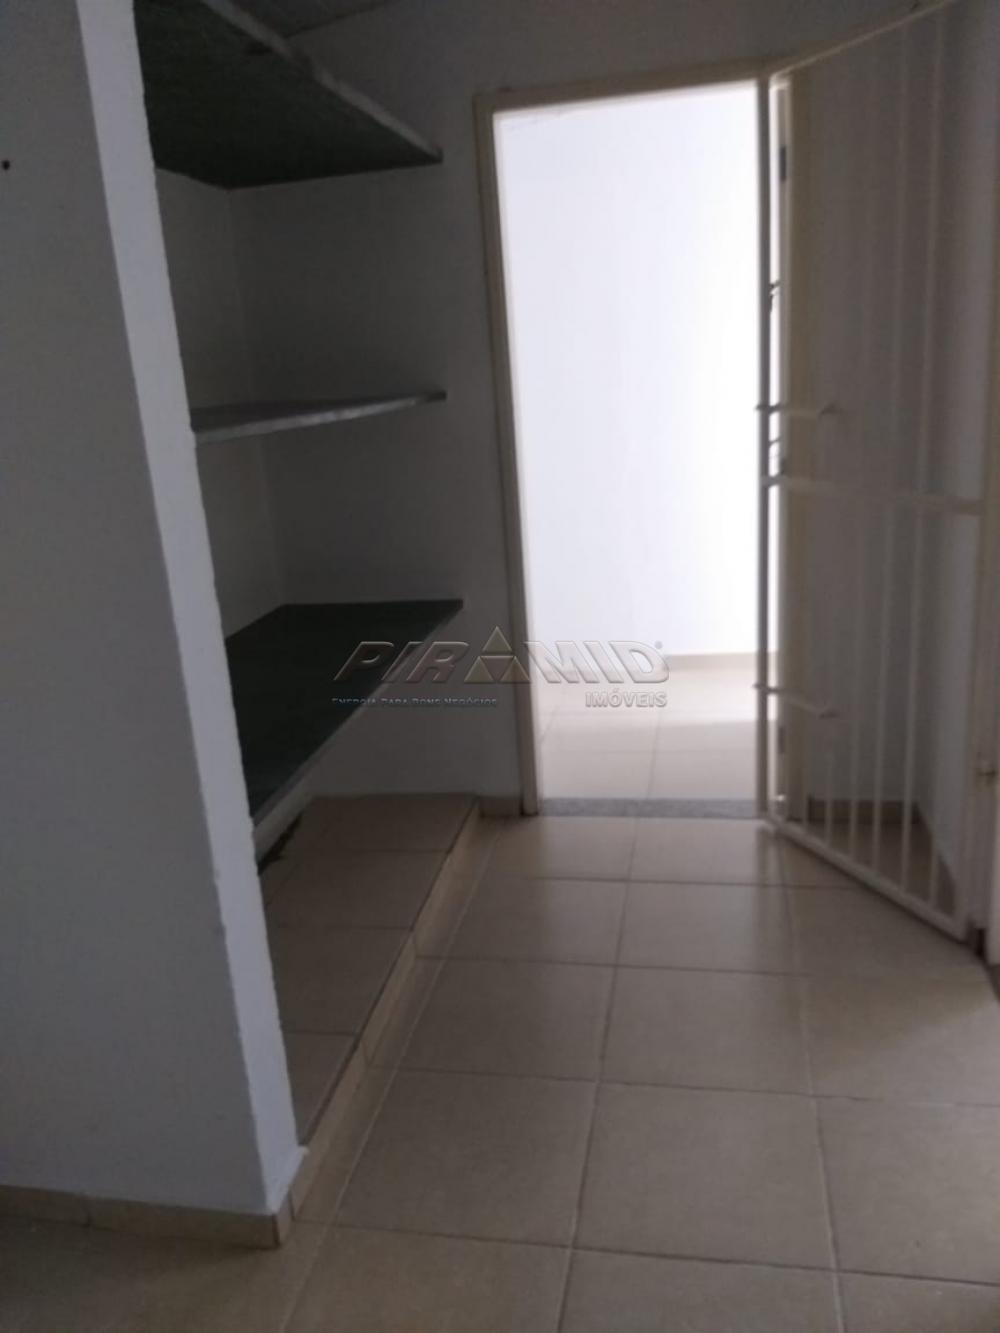 Alugar Comercial / Salão em Ribeirão Preto R$ 10.000,00 - Foto 14